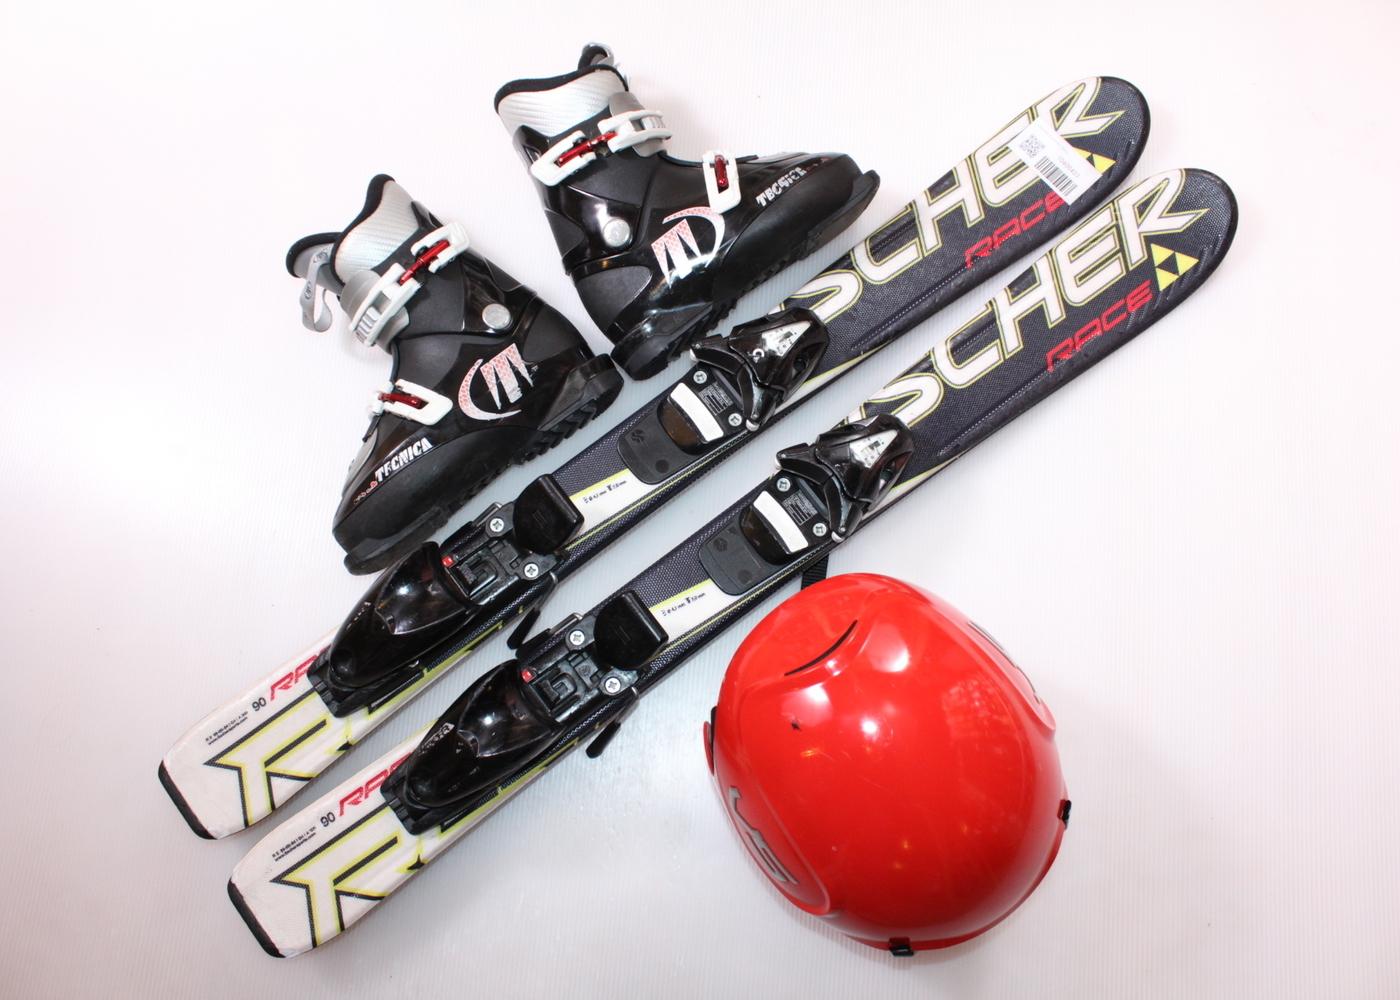 Dětské lyže FISCHER RC4 RACE 90 cm + lyžáky  30.5EU + helma